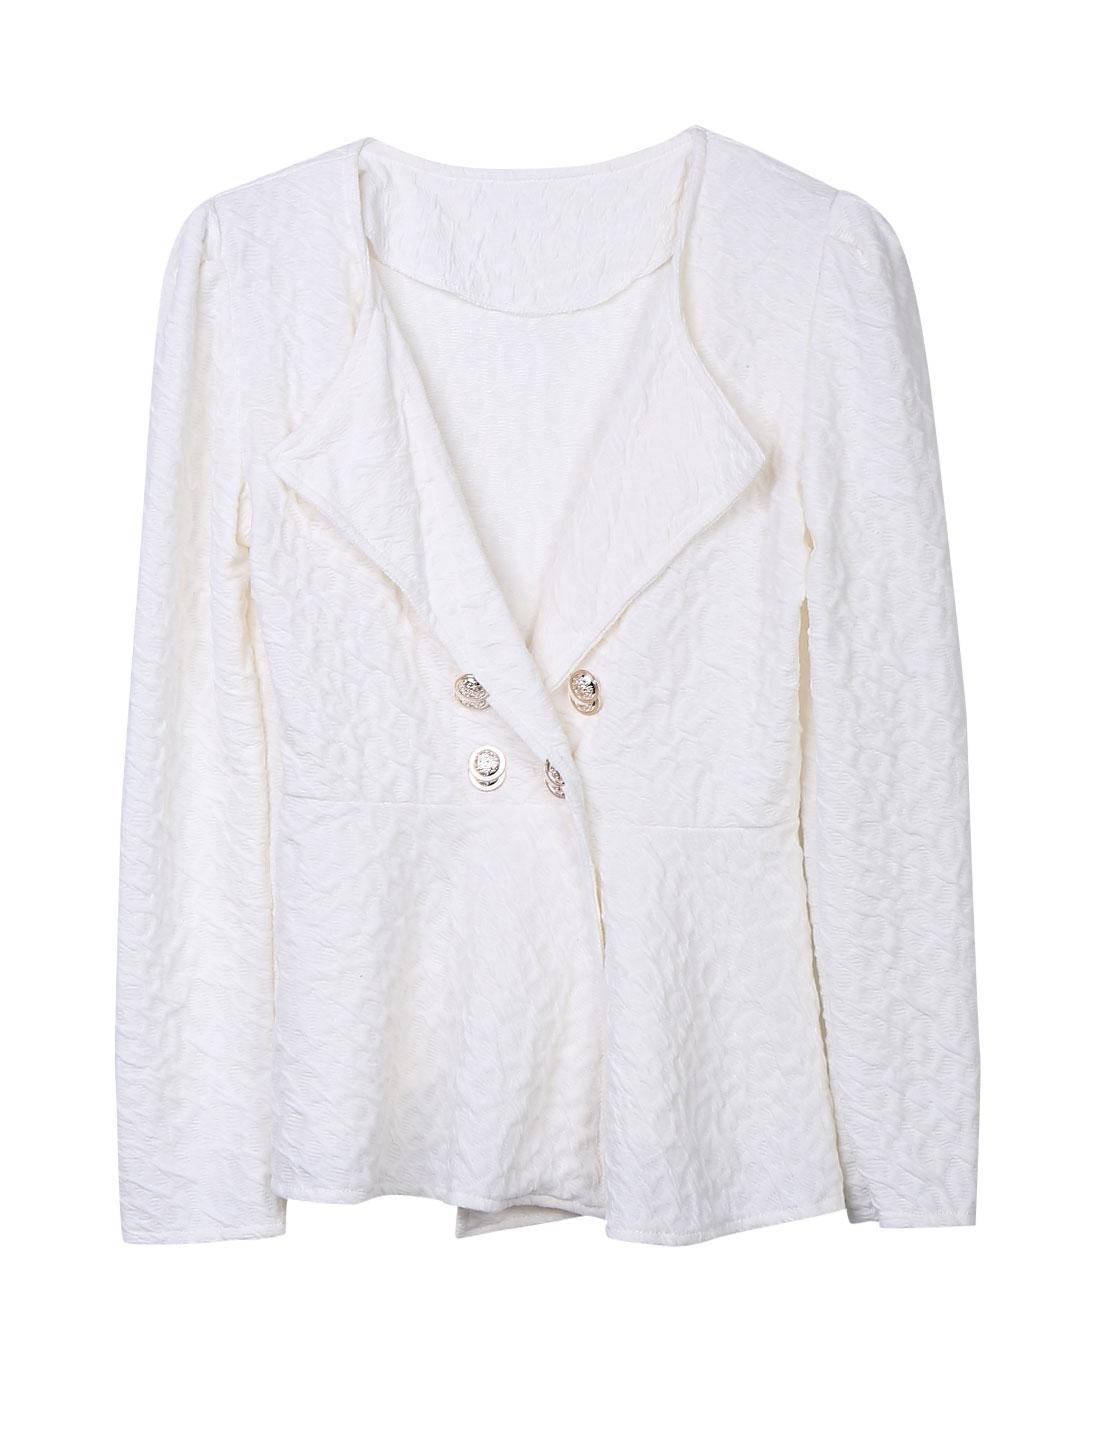 Ladies Beige Single Breasted Ruffled Detail Hem Turn Down Collar Jacket S